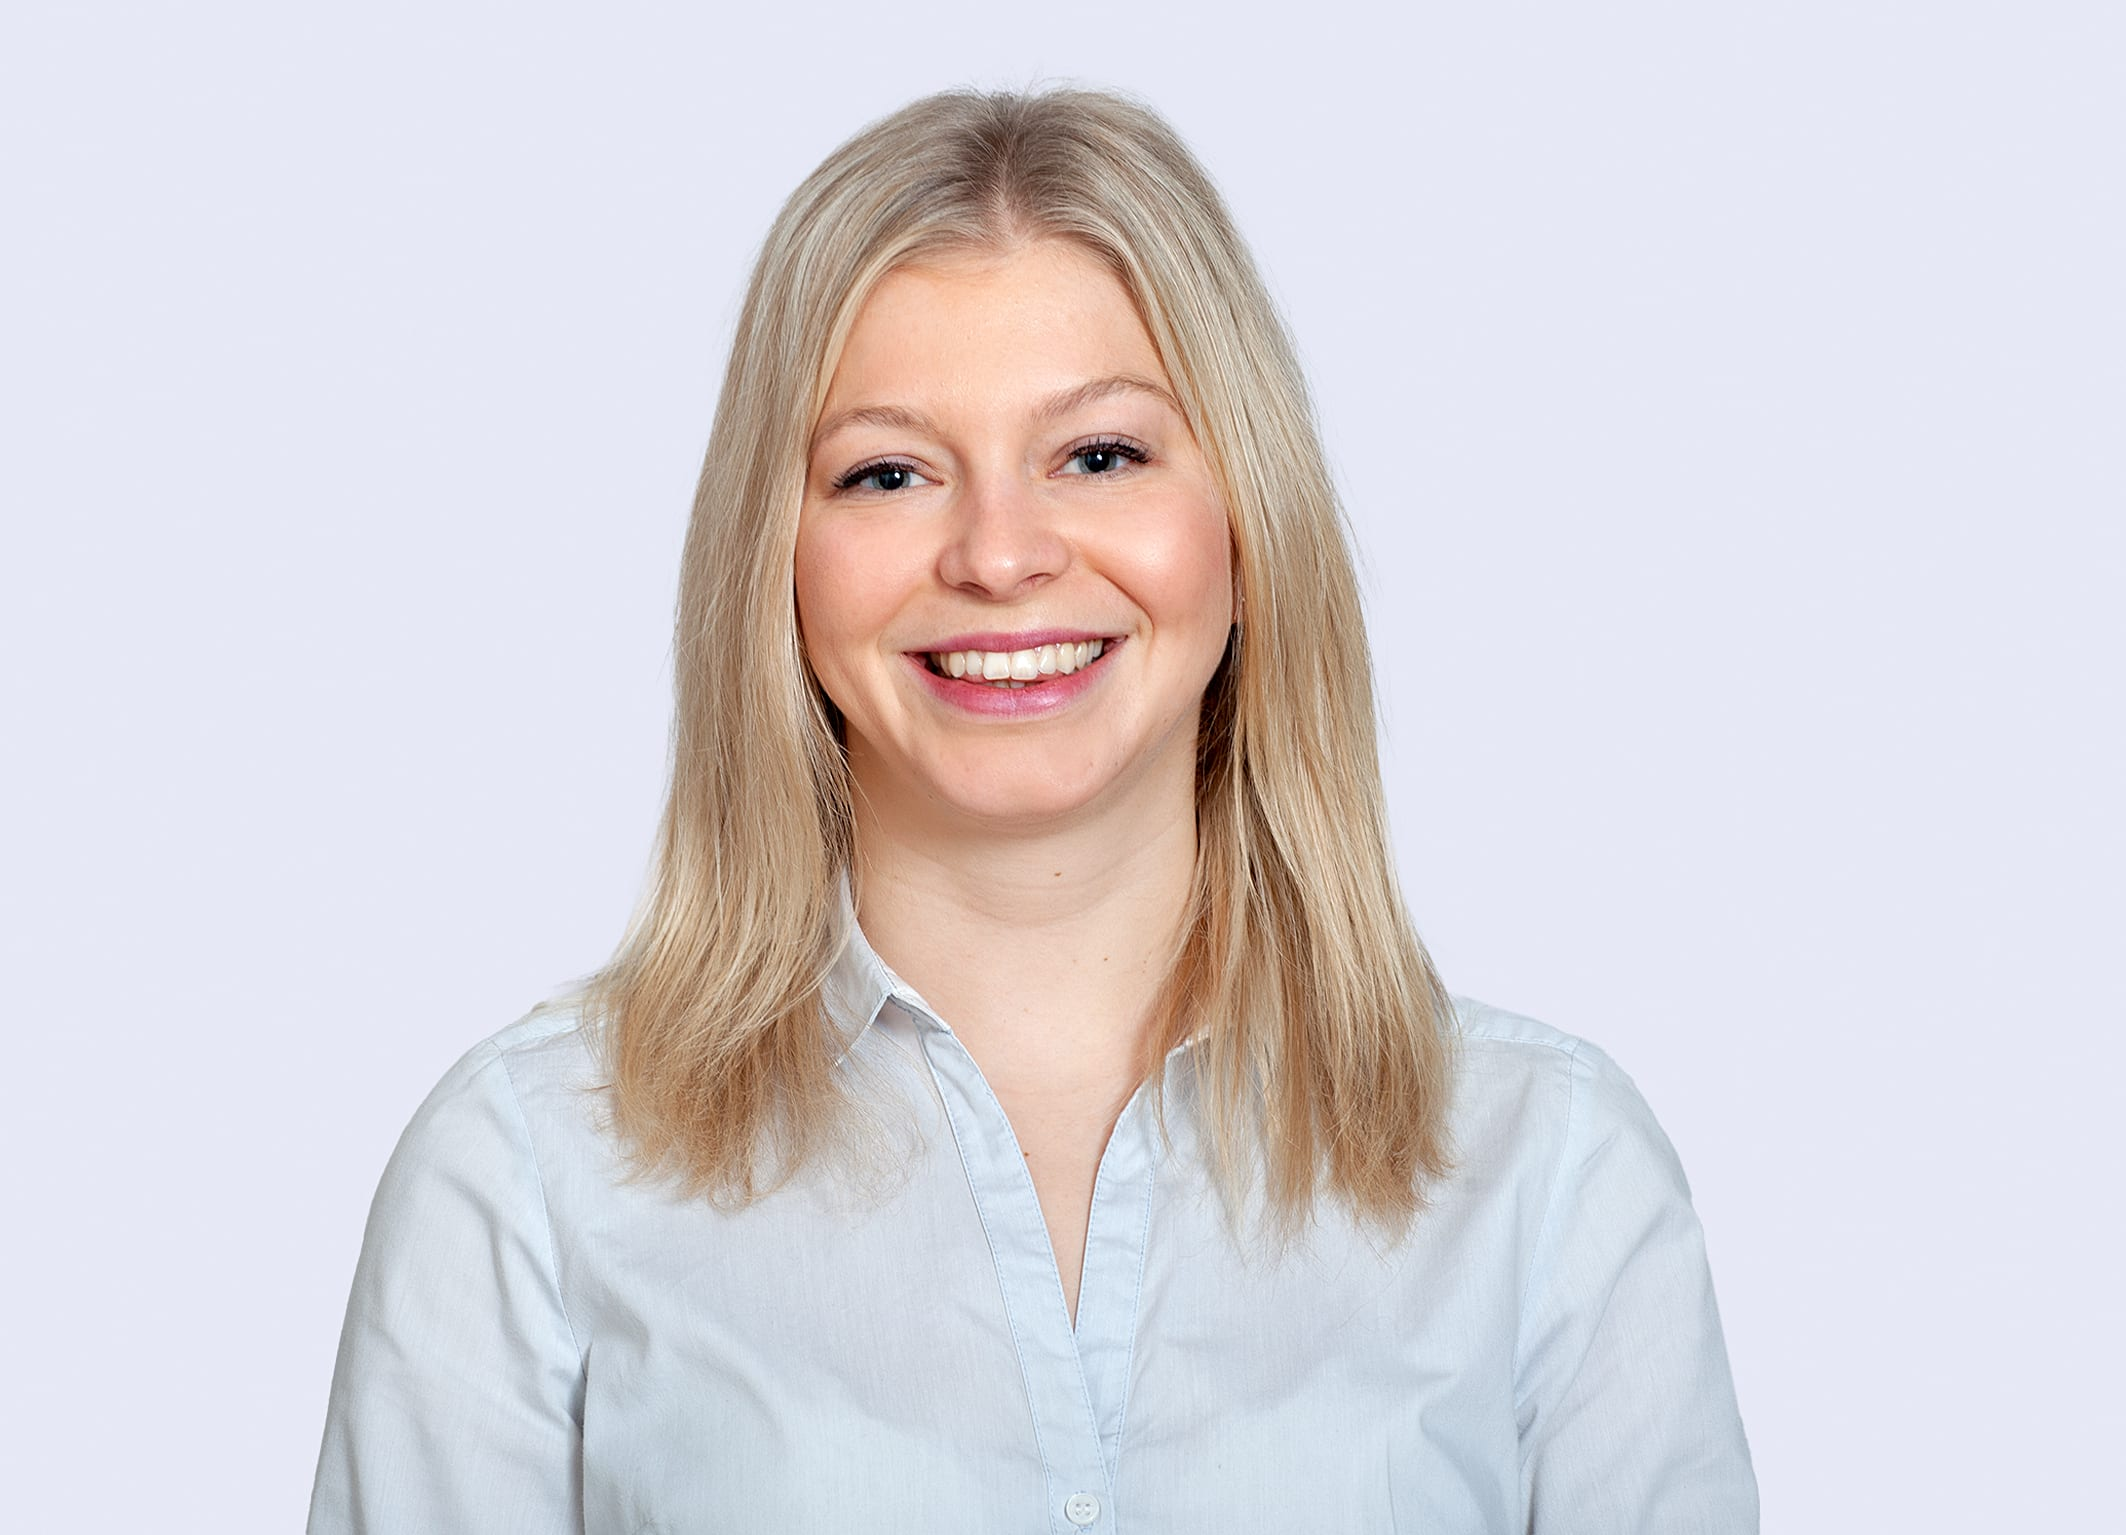 Elisabeth Ausen Engen